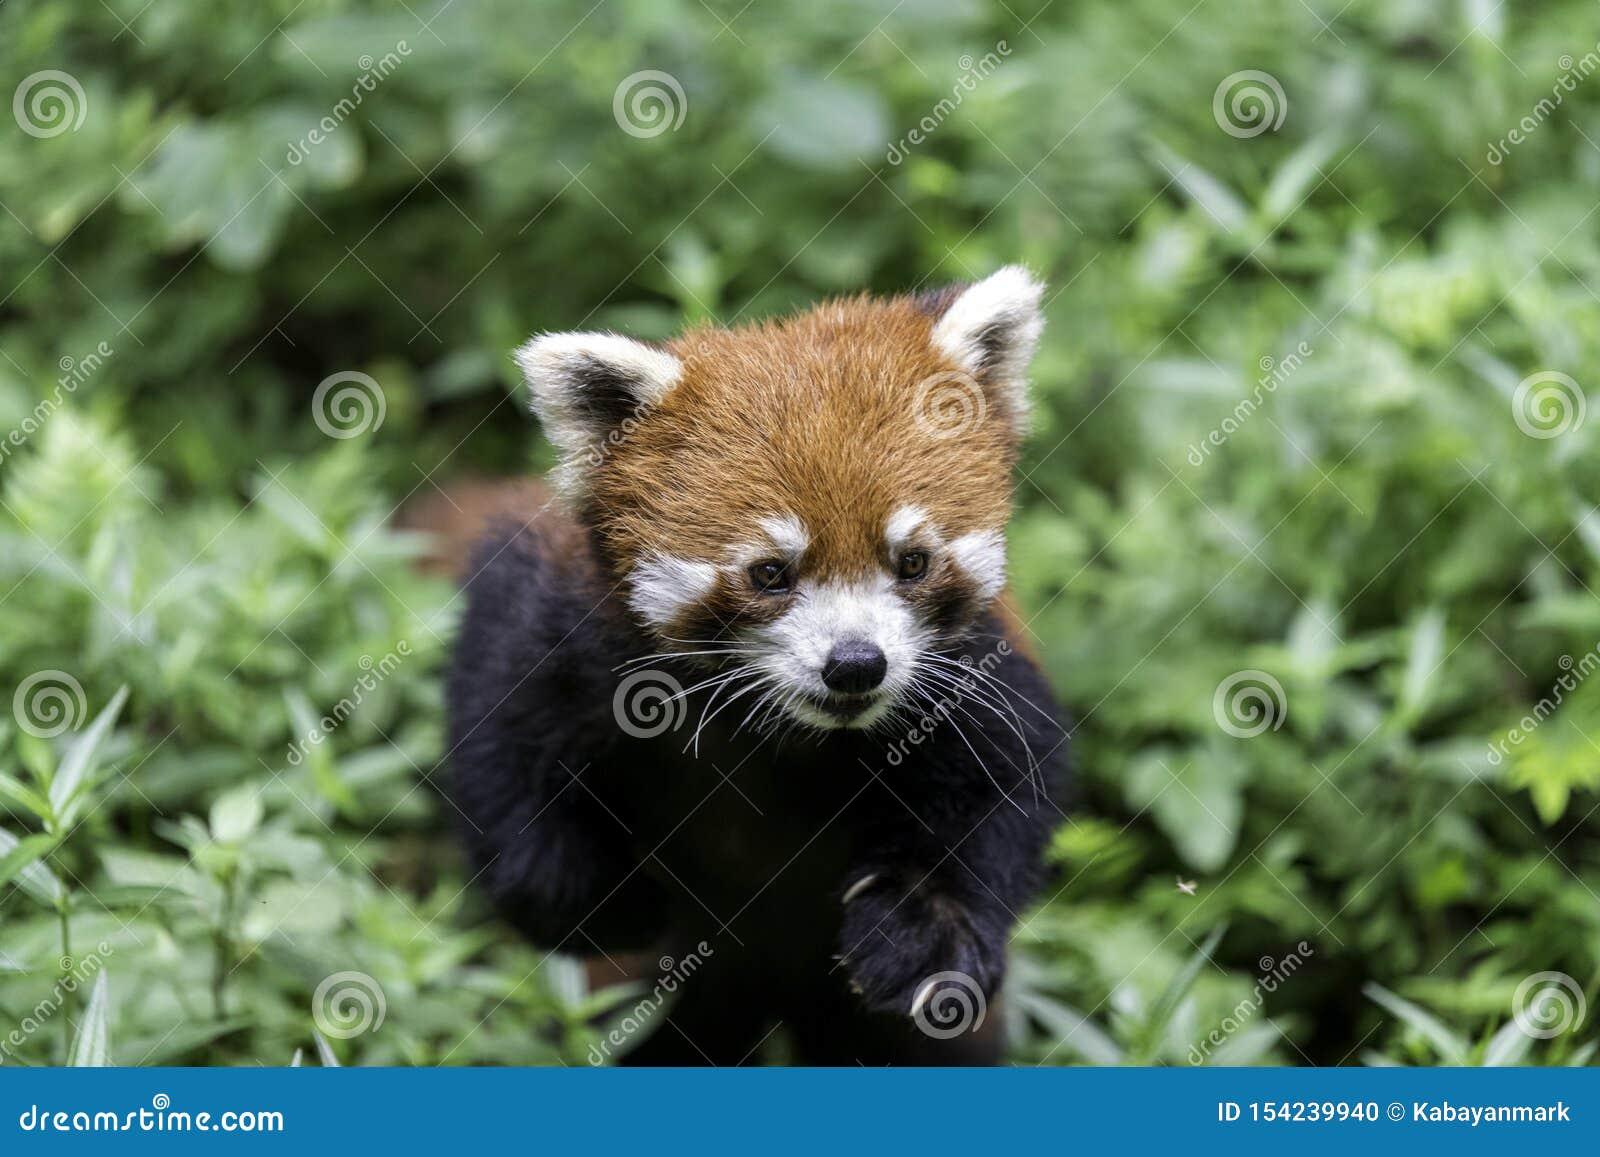 Rode pandachengdu natuurlijk China, die camera onderzoeken van onderaan,